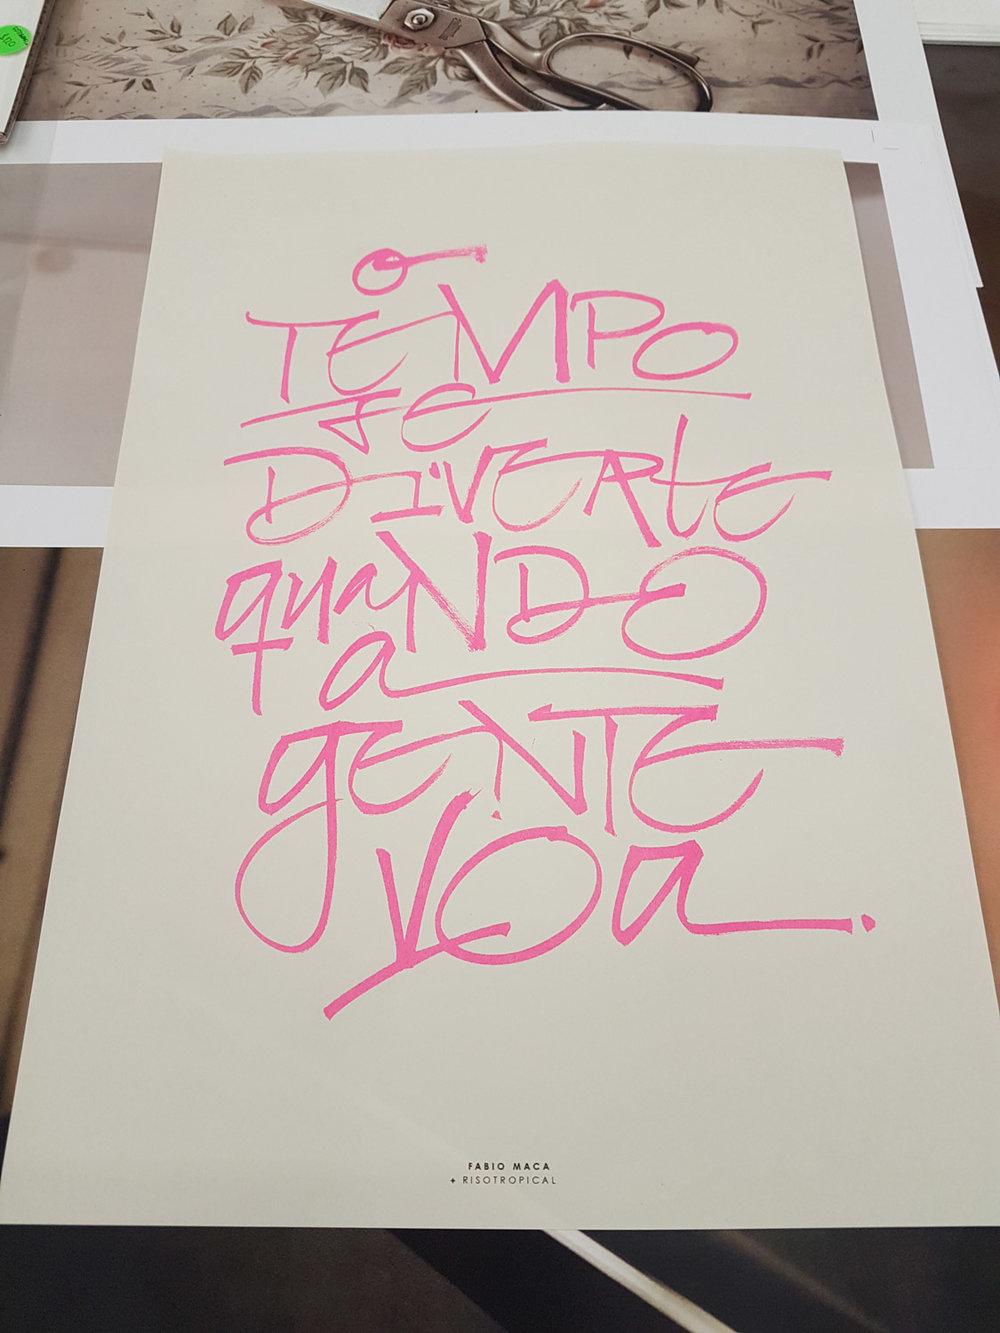 Riso Tropical - Quem não ama posters? Ainda mais feitos pelo amigo Renan numa impressora risográfica, que torna o processo mais artesanal, orgânico e imperfeito - a cara do meu trabalho.